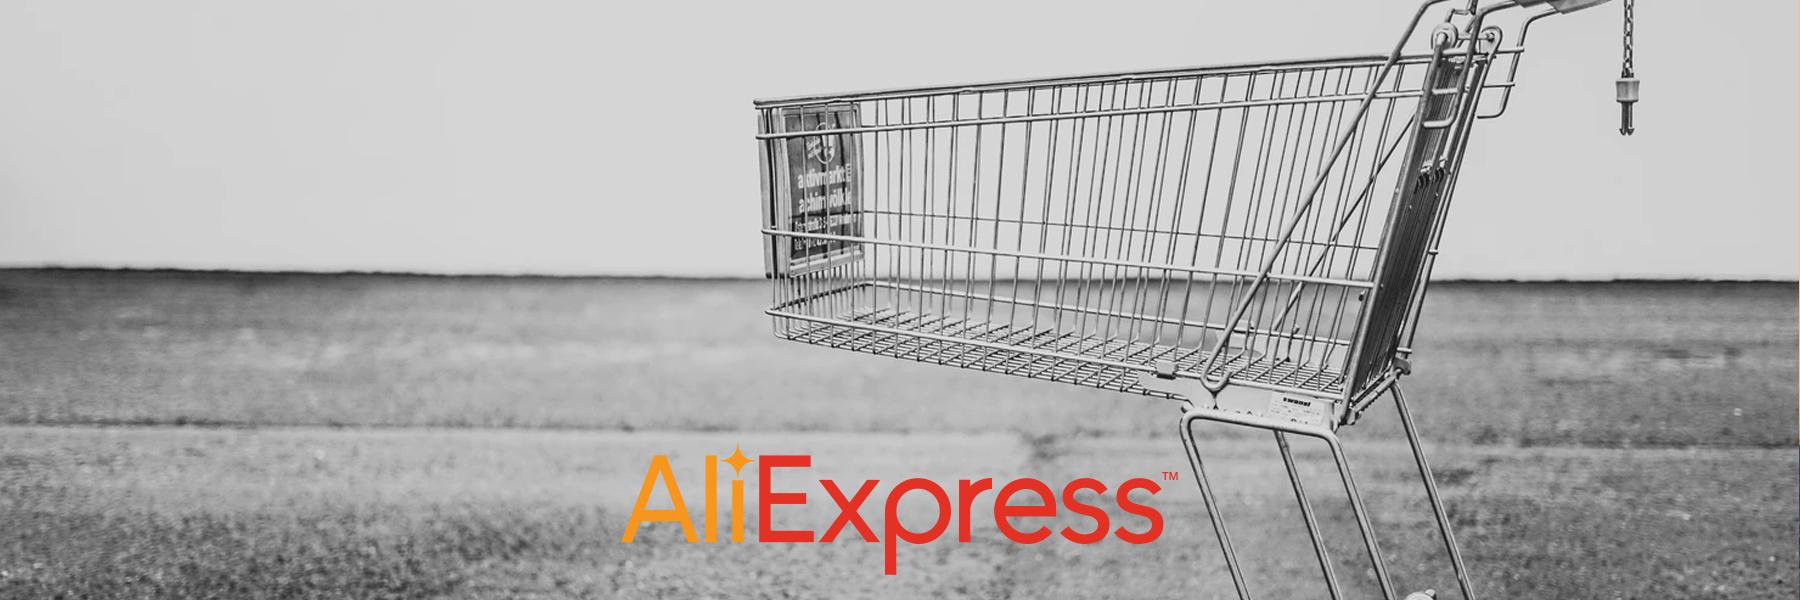 Hazte con el POCO X3 en AliExpress al mejor precio